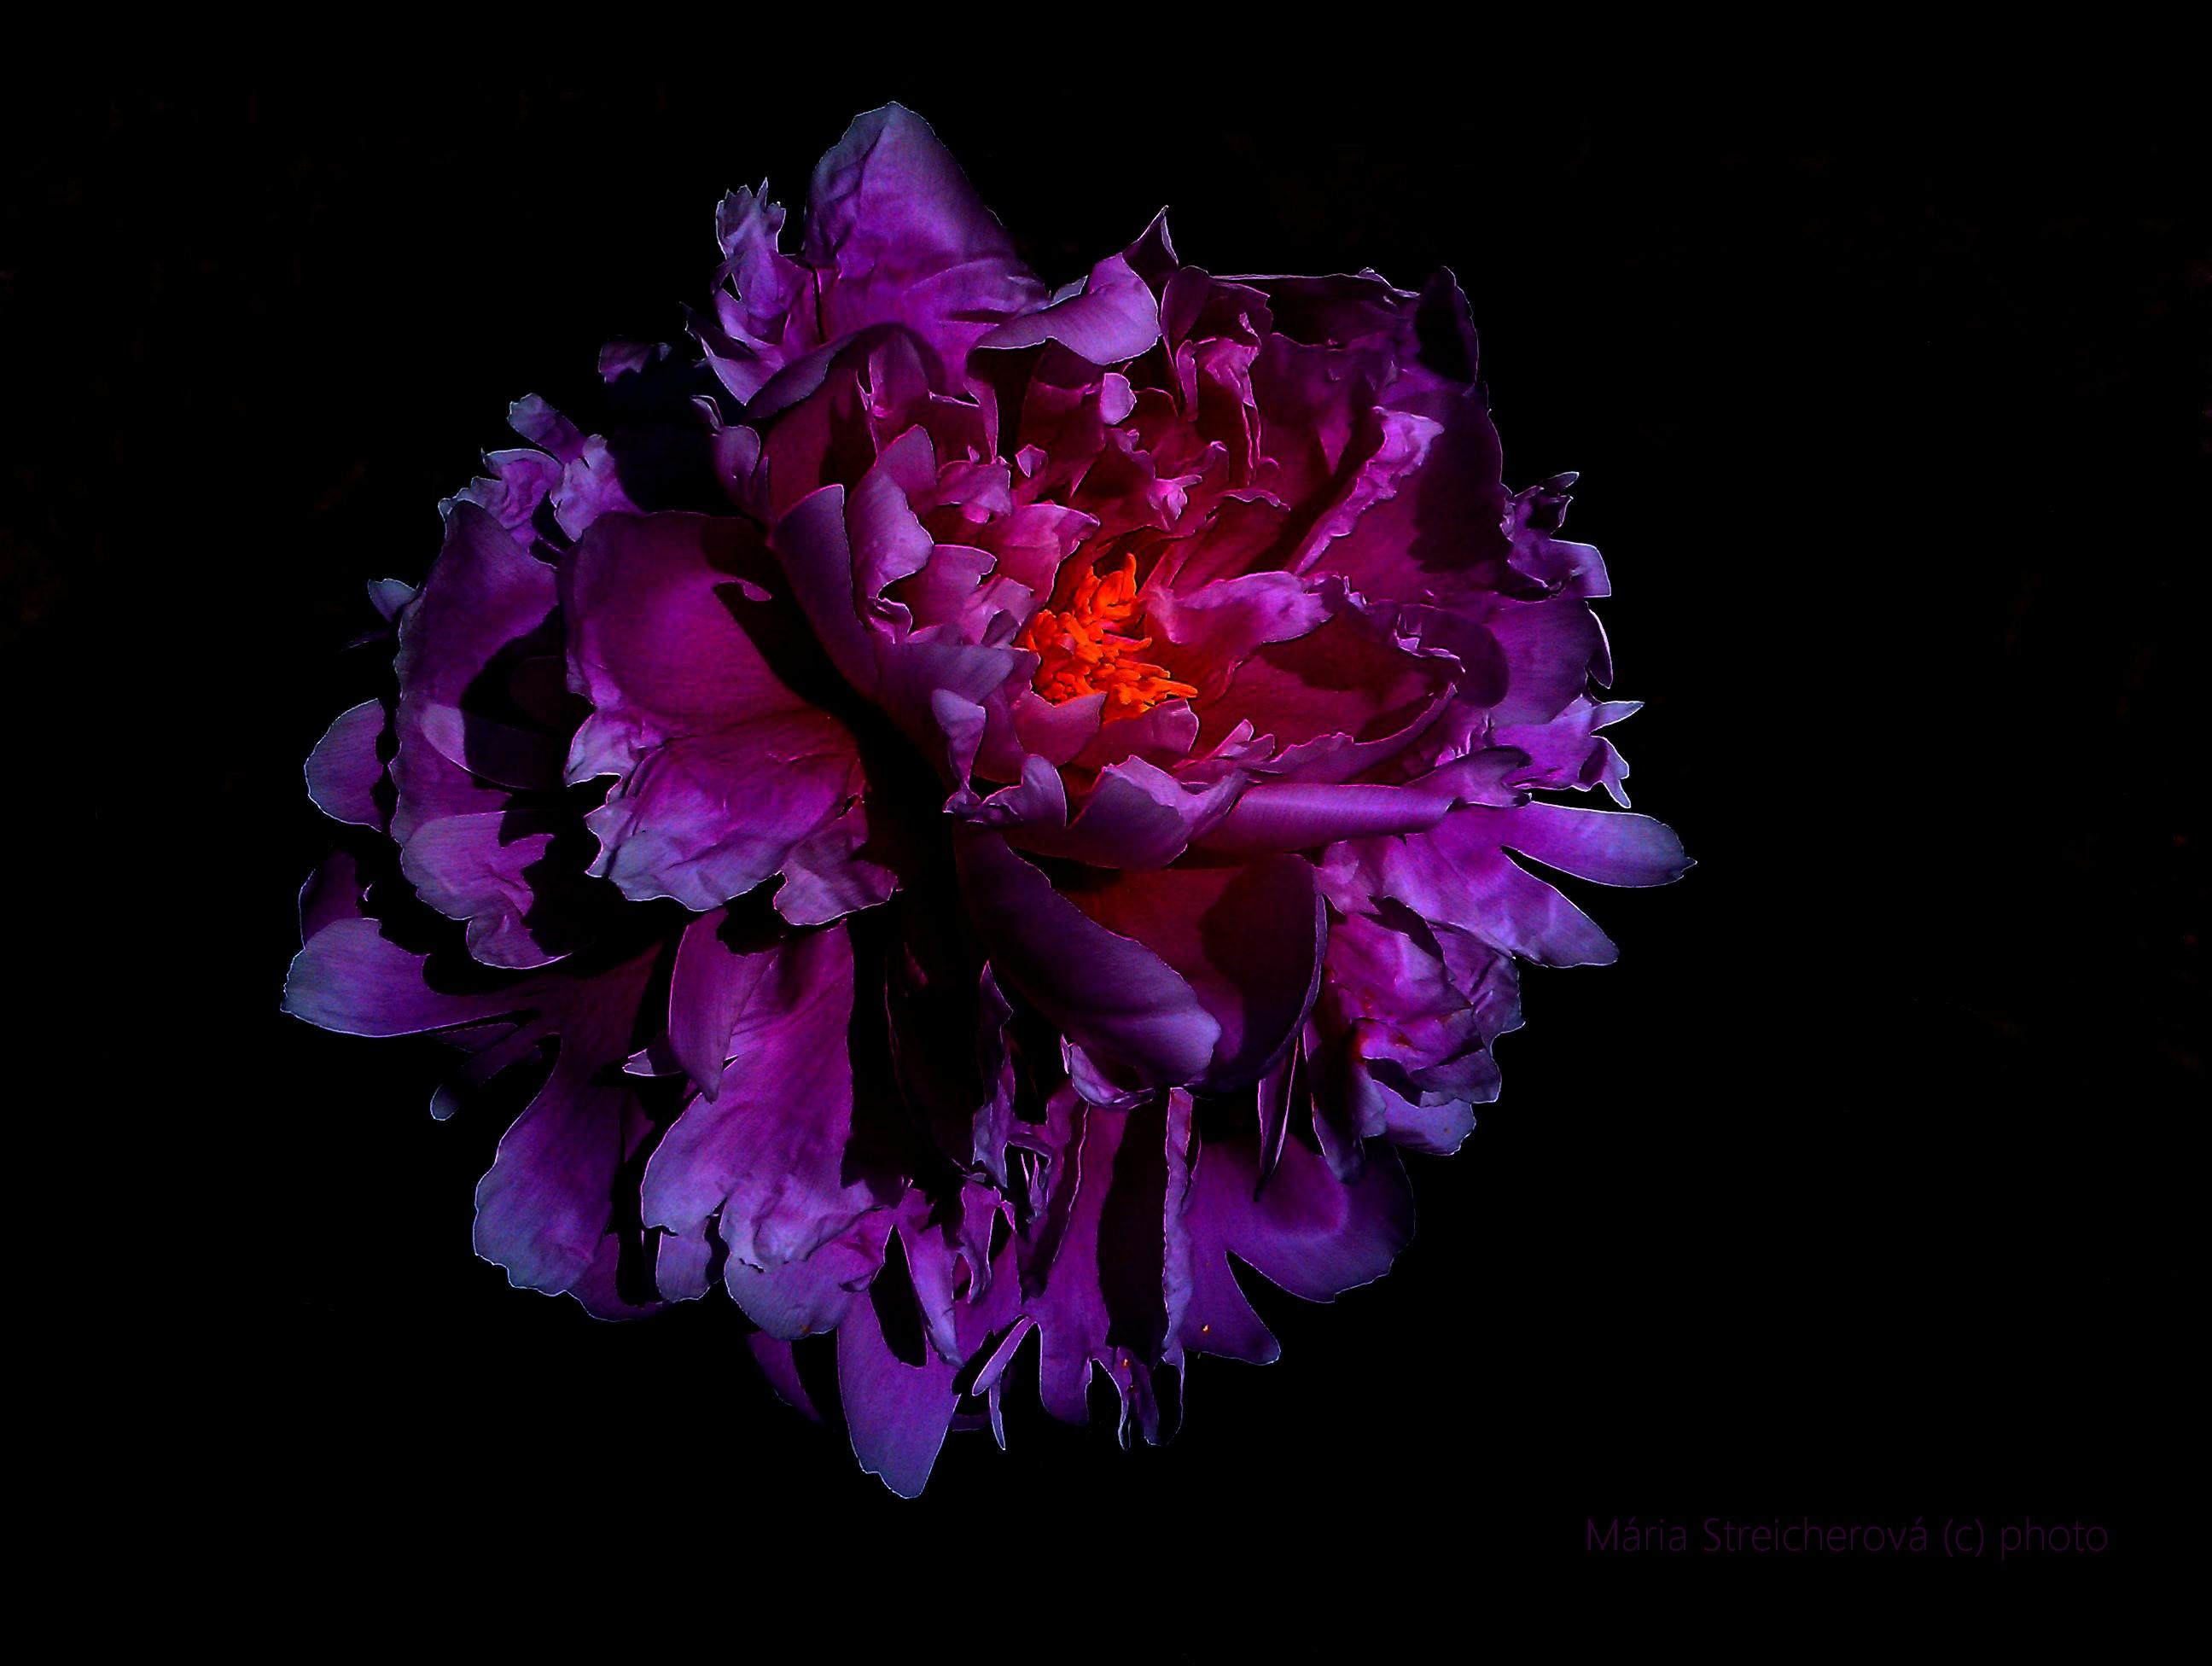 Kvet naplno rozvitej pivónie, fialovo cyklámenovej farby, so žltými peľovými tyčinkami v strede kvetu. Na čiernom pozadí.